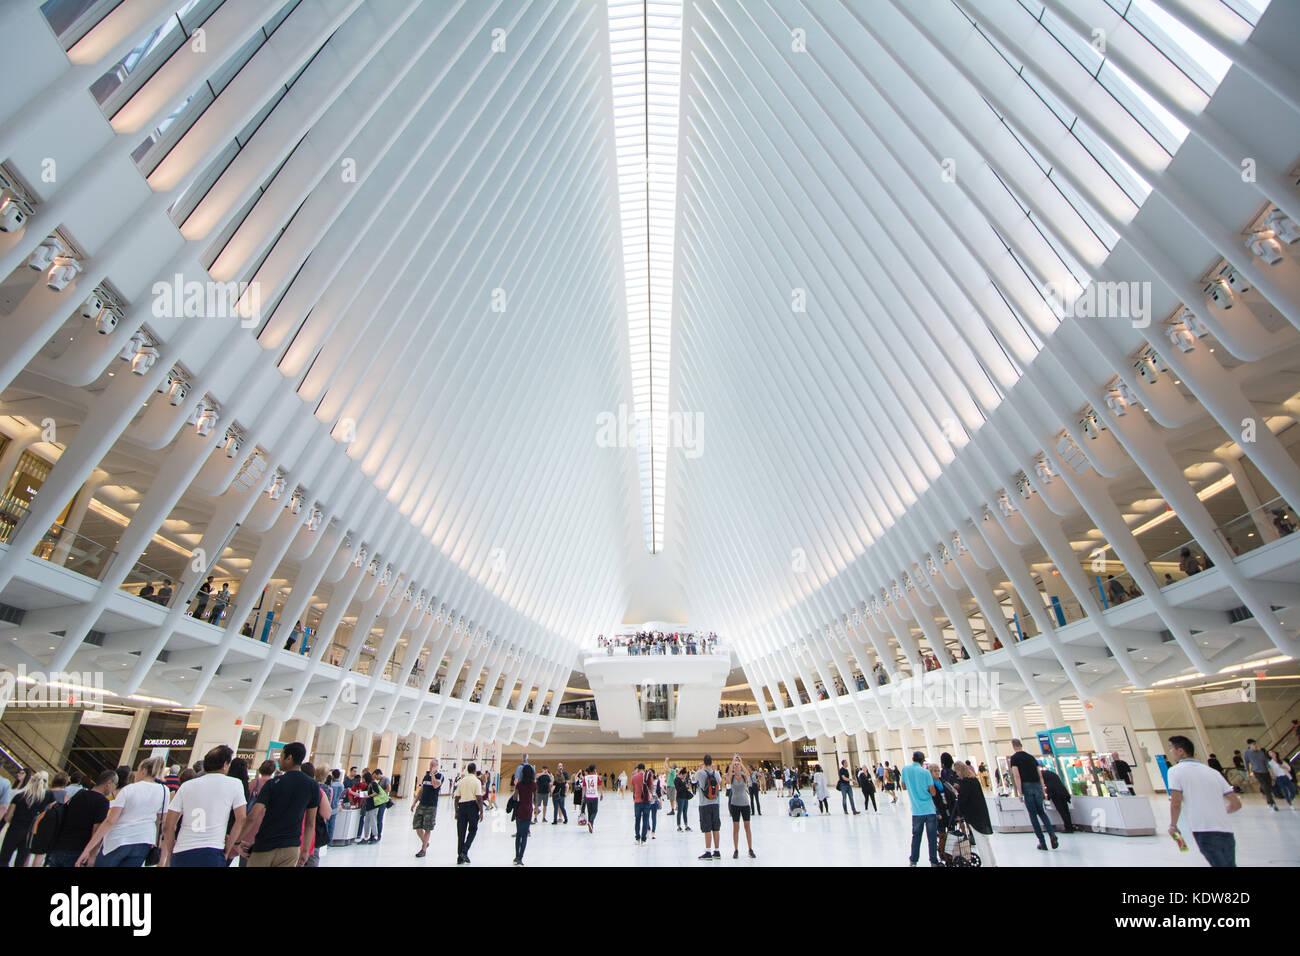 Die beeindruckende Architektur des Oculus am World Trade Center Verkehrsknotenpunkt in New York City, United States Stockbild